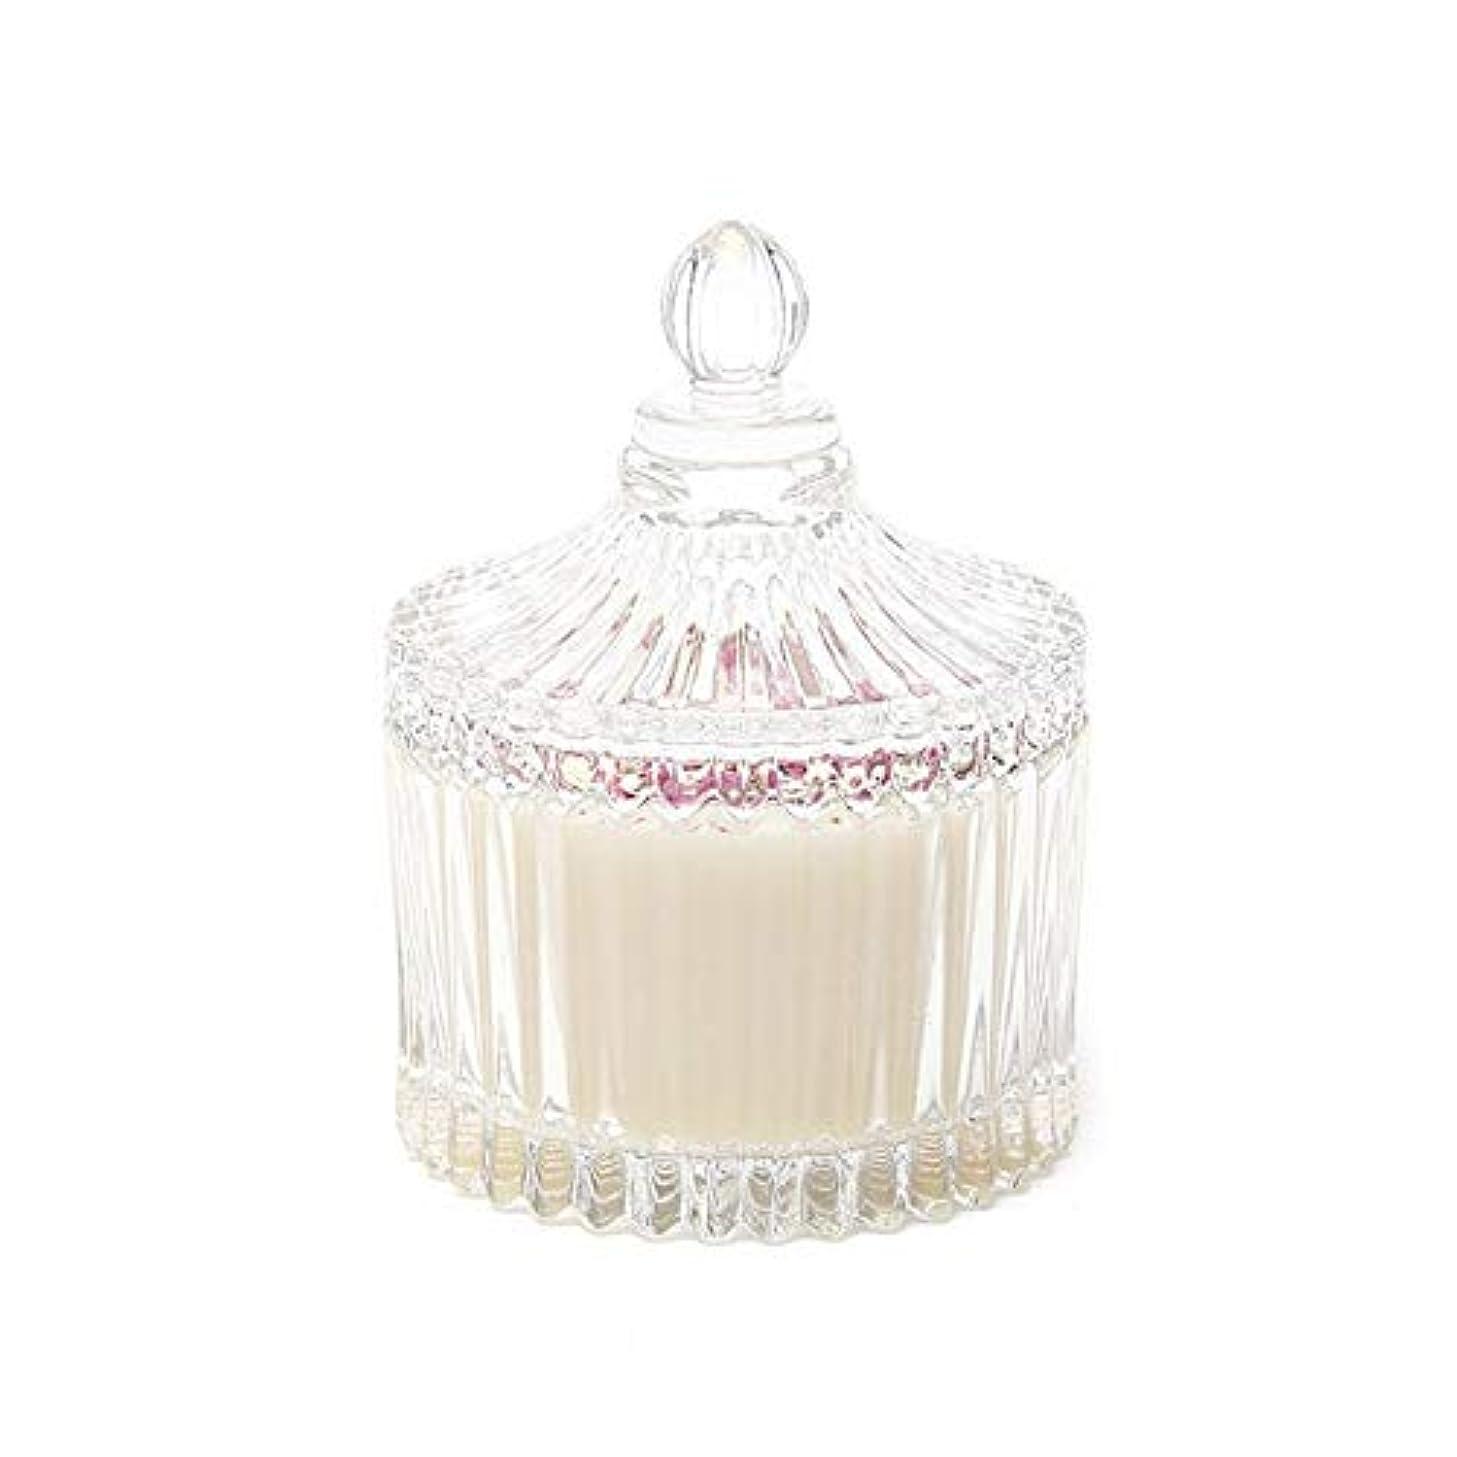 研究広範囲法的Ztian ピンクの花パオ単純なガラスボトルアロマセラピーガラスカップは無毒で環境に優しい (色 : Blackberries)